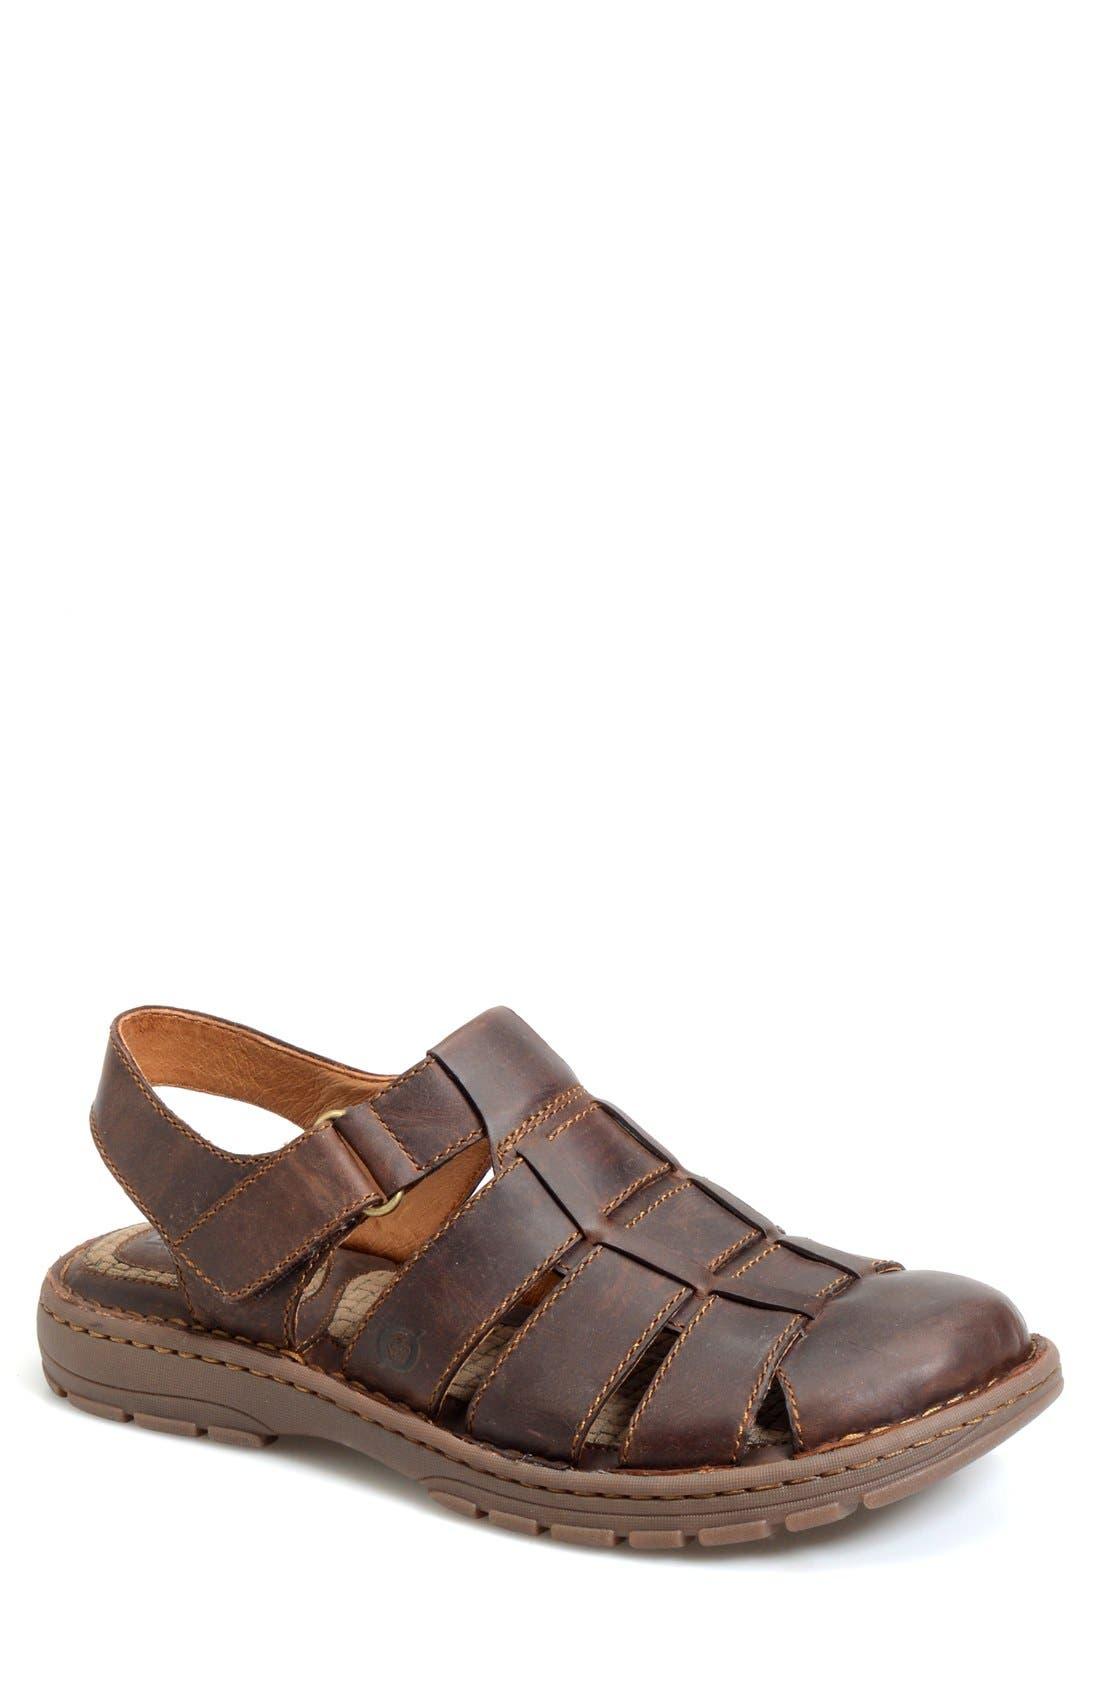 Alternate Image 1 Selected - Børn 'Osmond' Leather Sandal (Men)